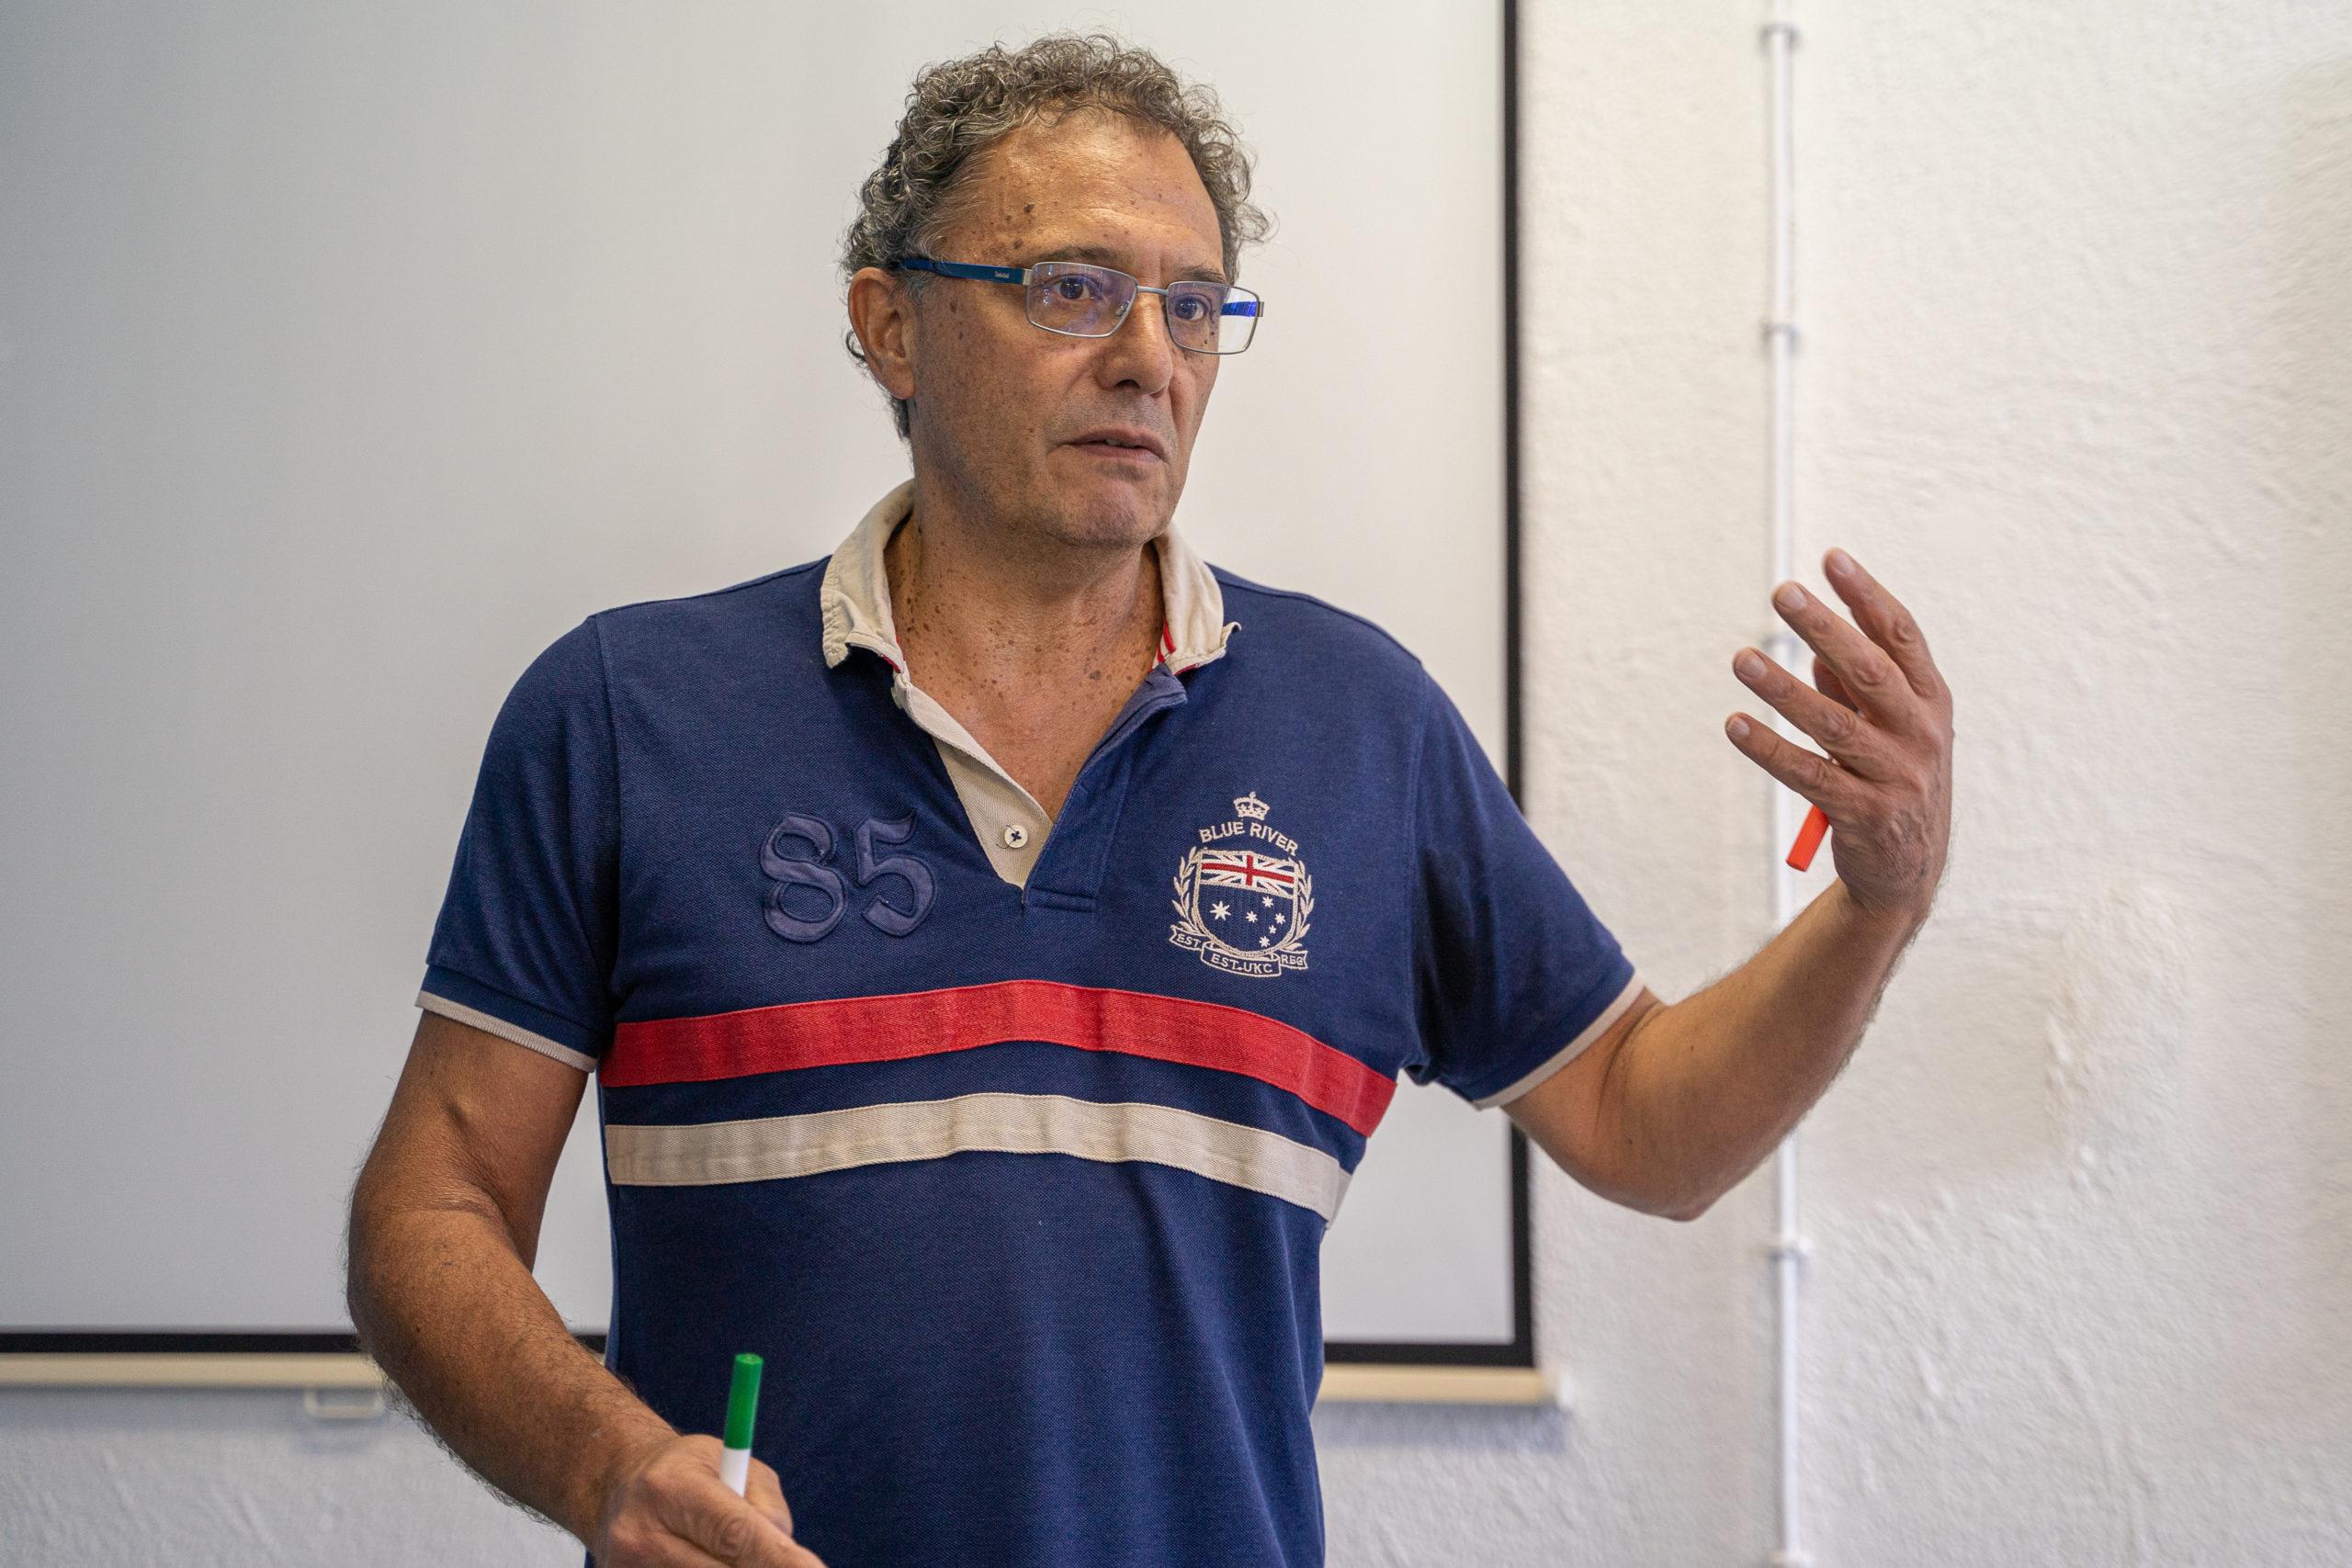 Daniel Tércio